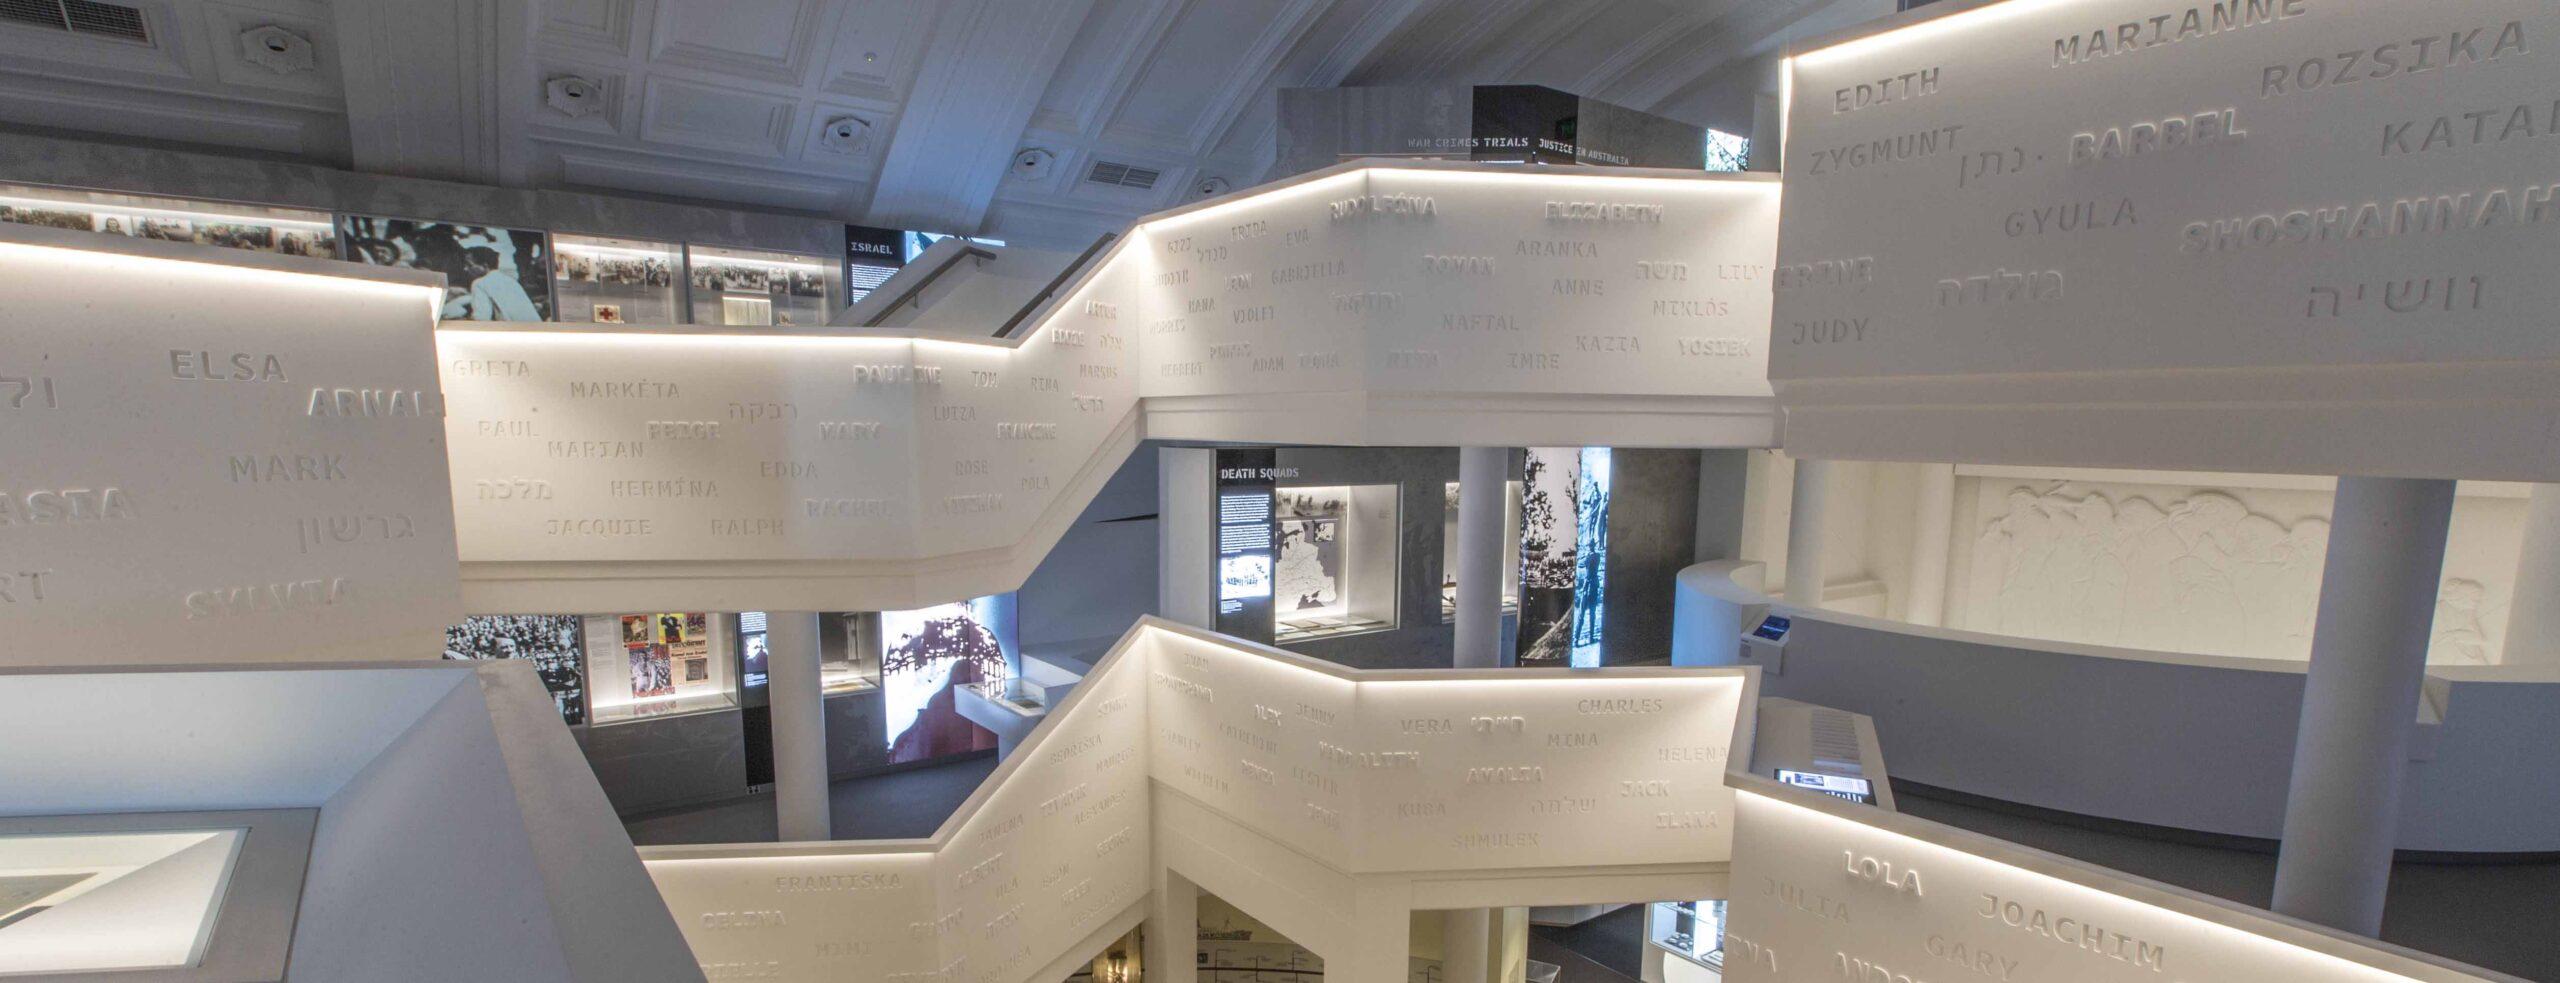 Sydney Jewish Museum Social Media Marketing Agency